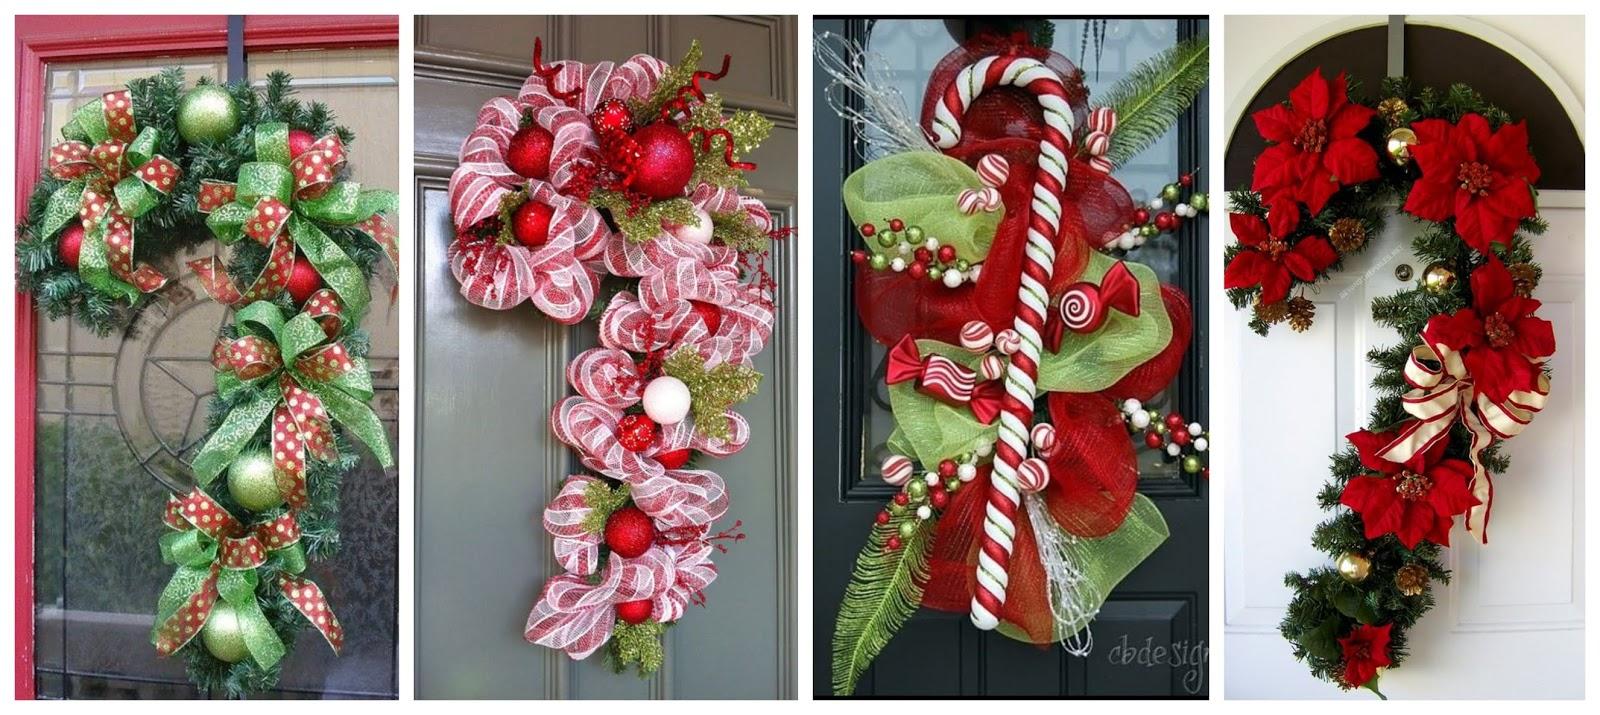 Aprende c mo decorar tu puerta en esta navidad haciendo for Disenos navidenos para decorar puertas